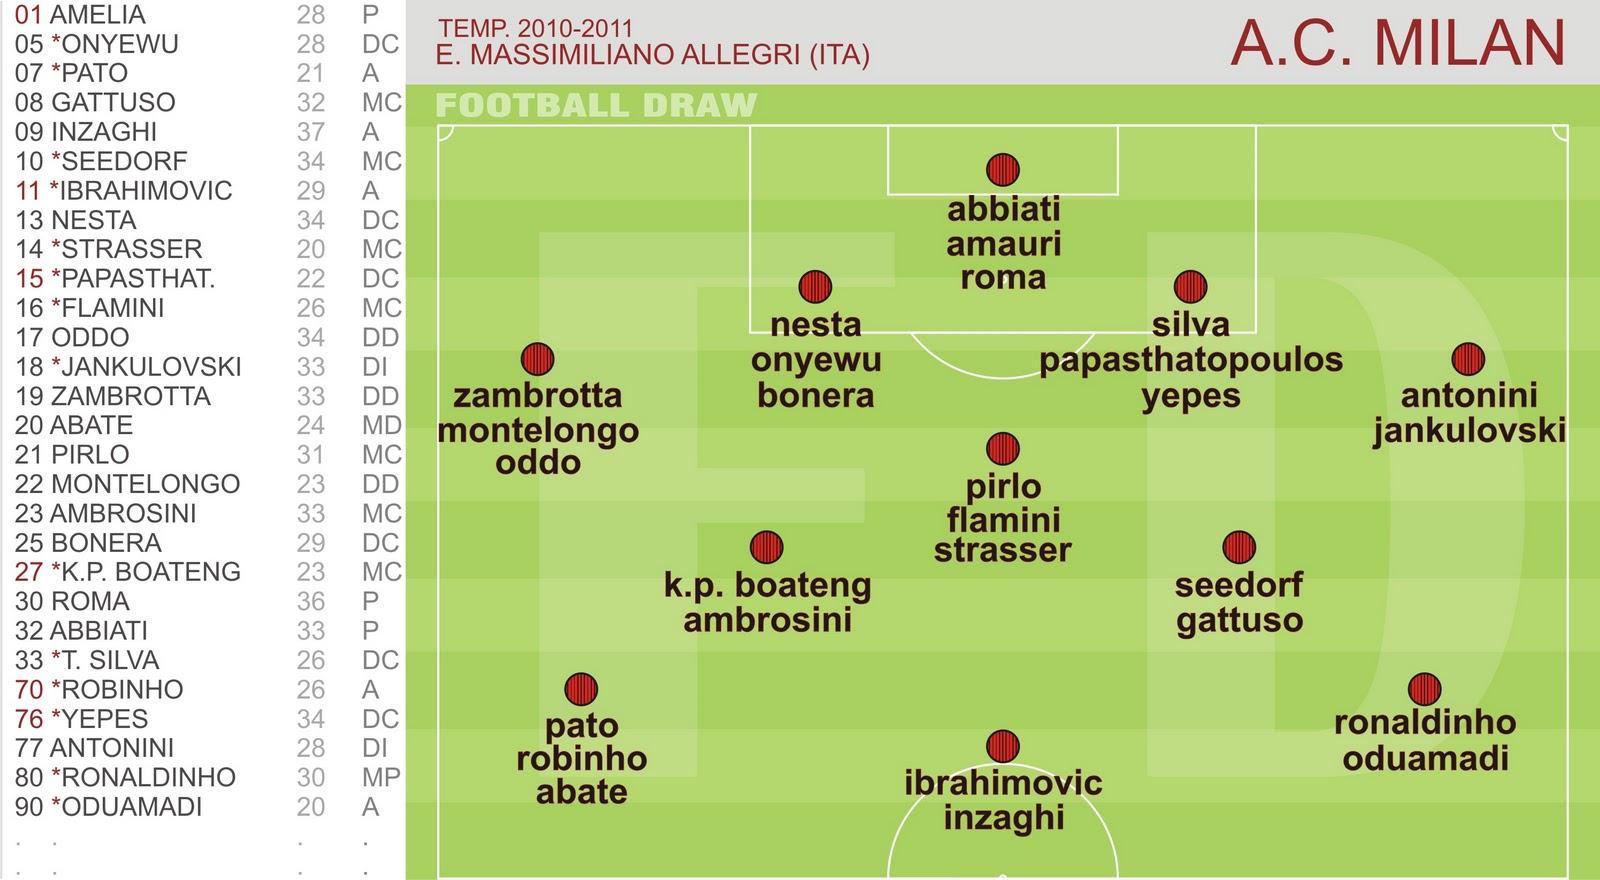 football draw ac milan 2010 2011 ni cuarteto ni terceto